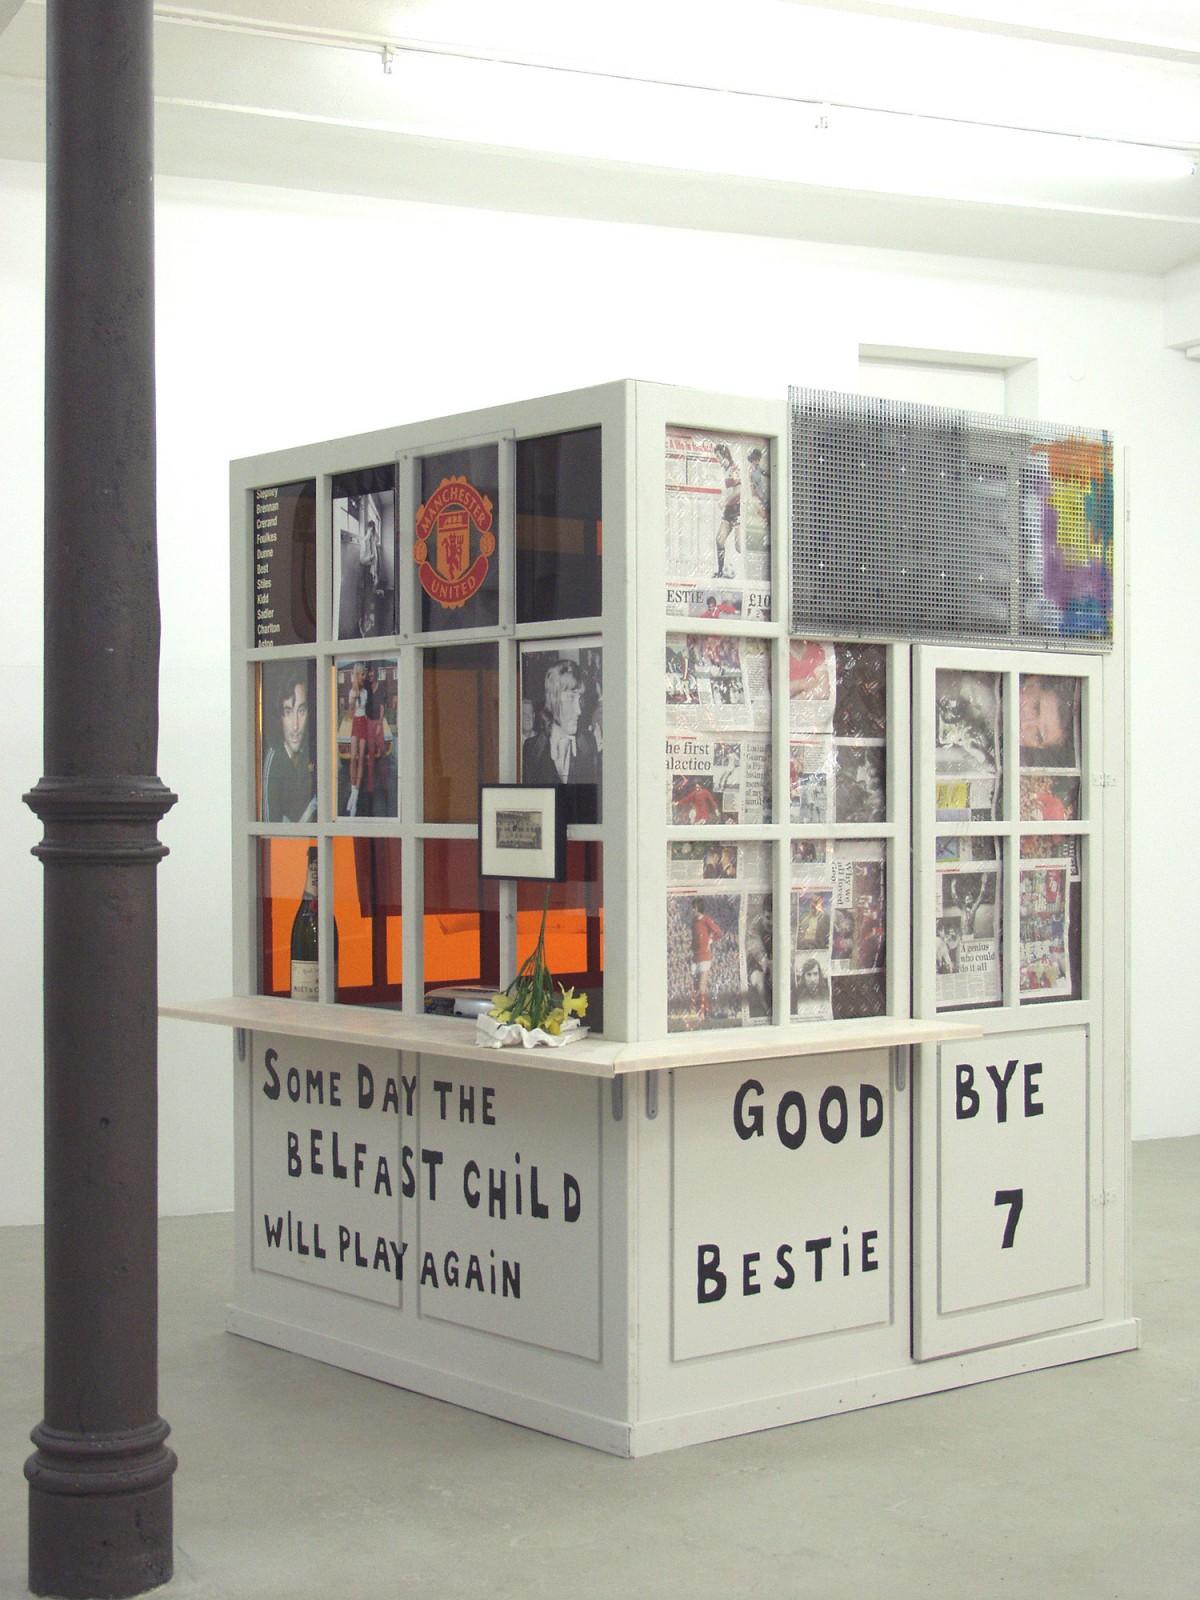 c u0026m company gmbh emden ffnungszeiten in emden stadtzentrum essanelle ihr friseur in 22459. Black Bedroom Furniture Sets. Home Design Ideas